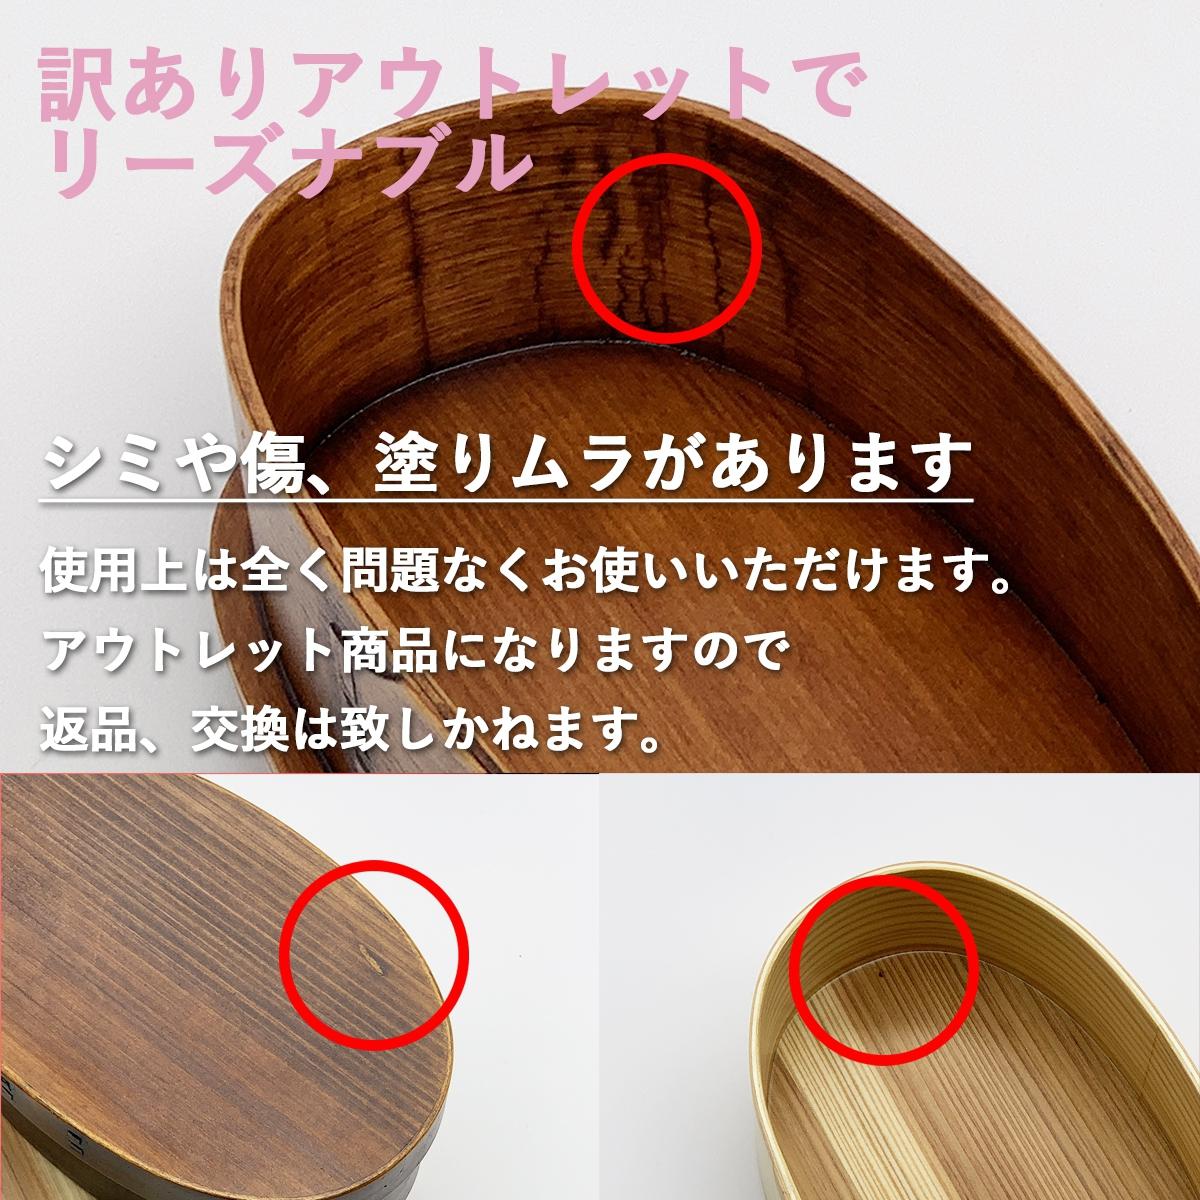 うるしギャラリー久右衛門(urushi gallery kyuuemon) お試し曲げわっぱ 弁当箱 一段 700mlの商品画像5